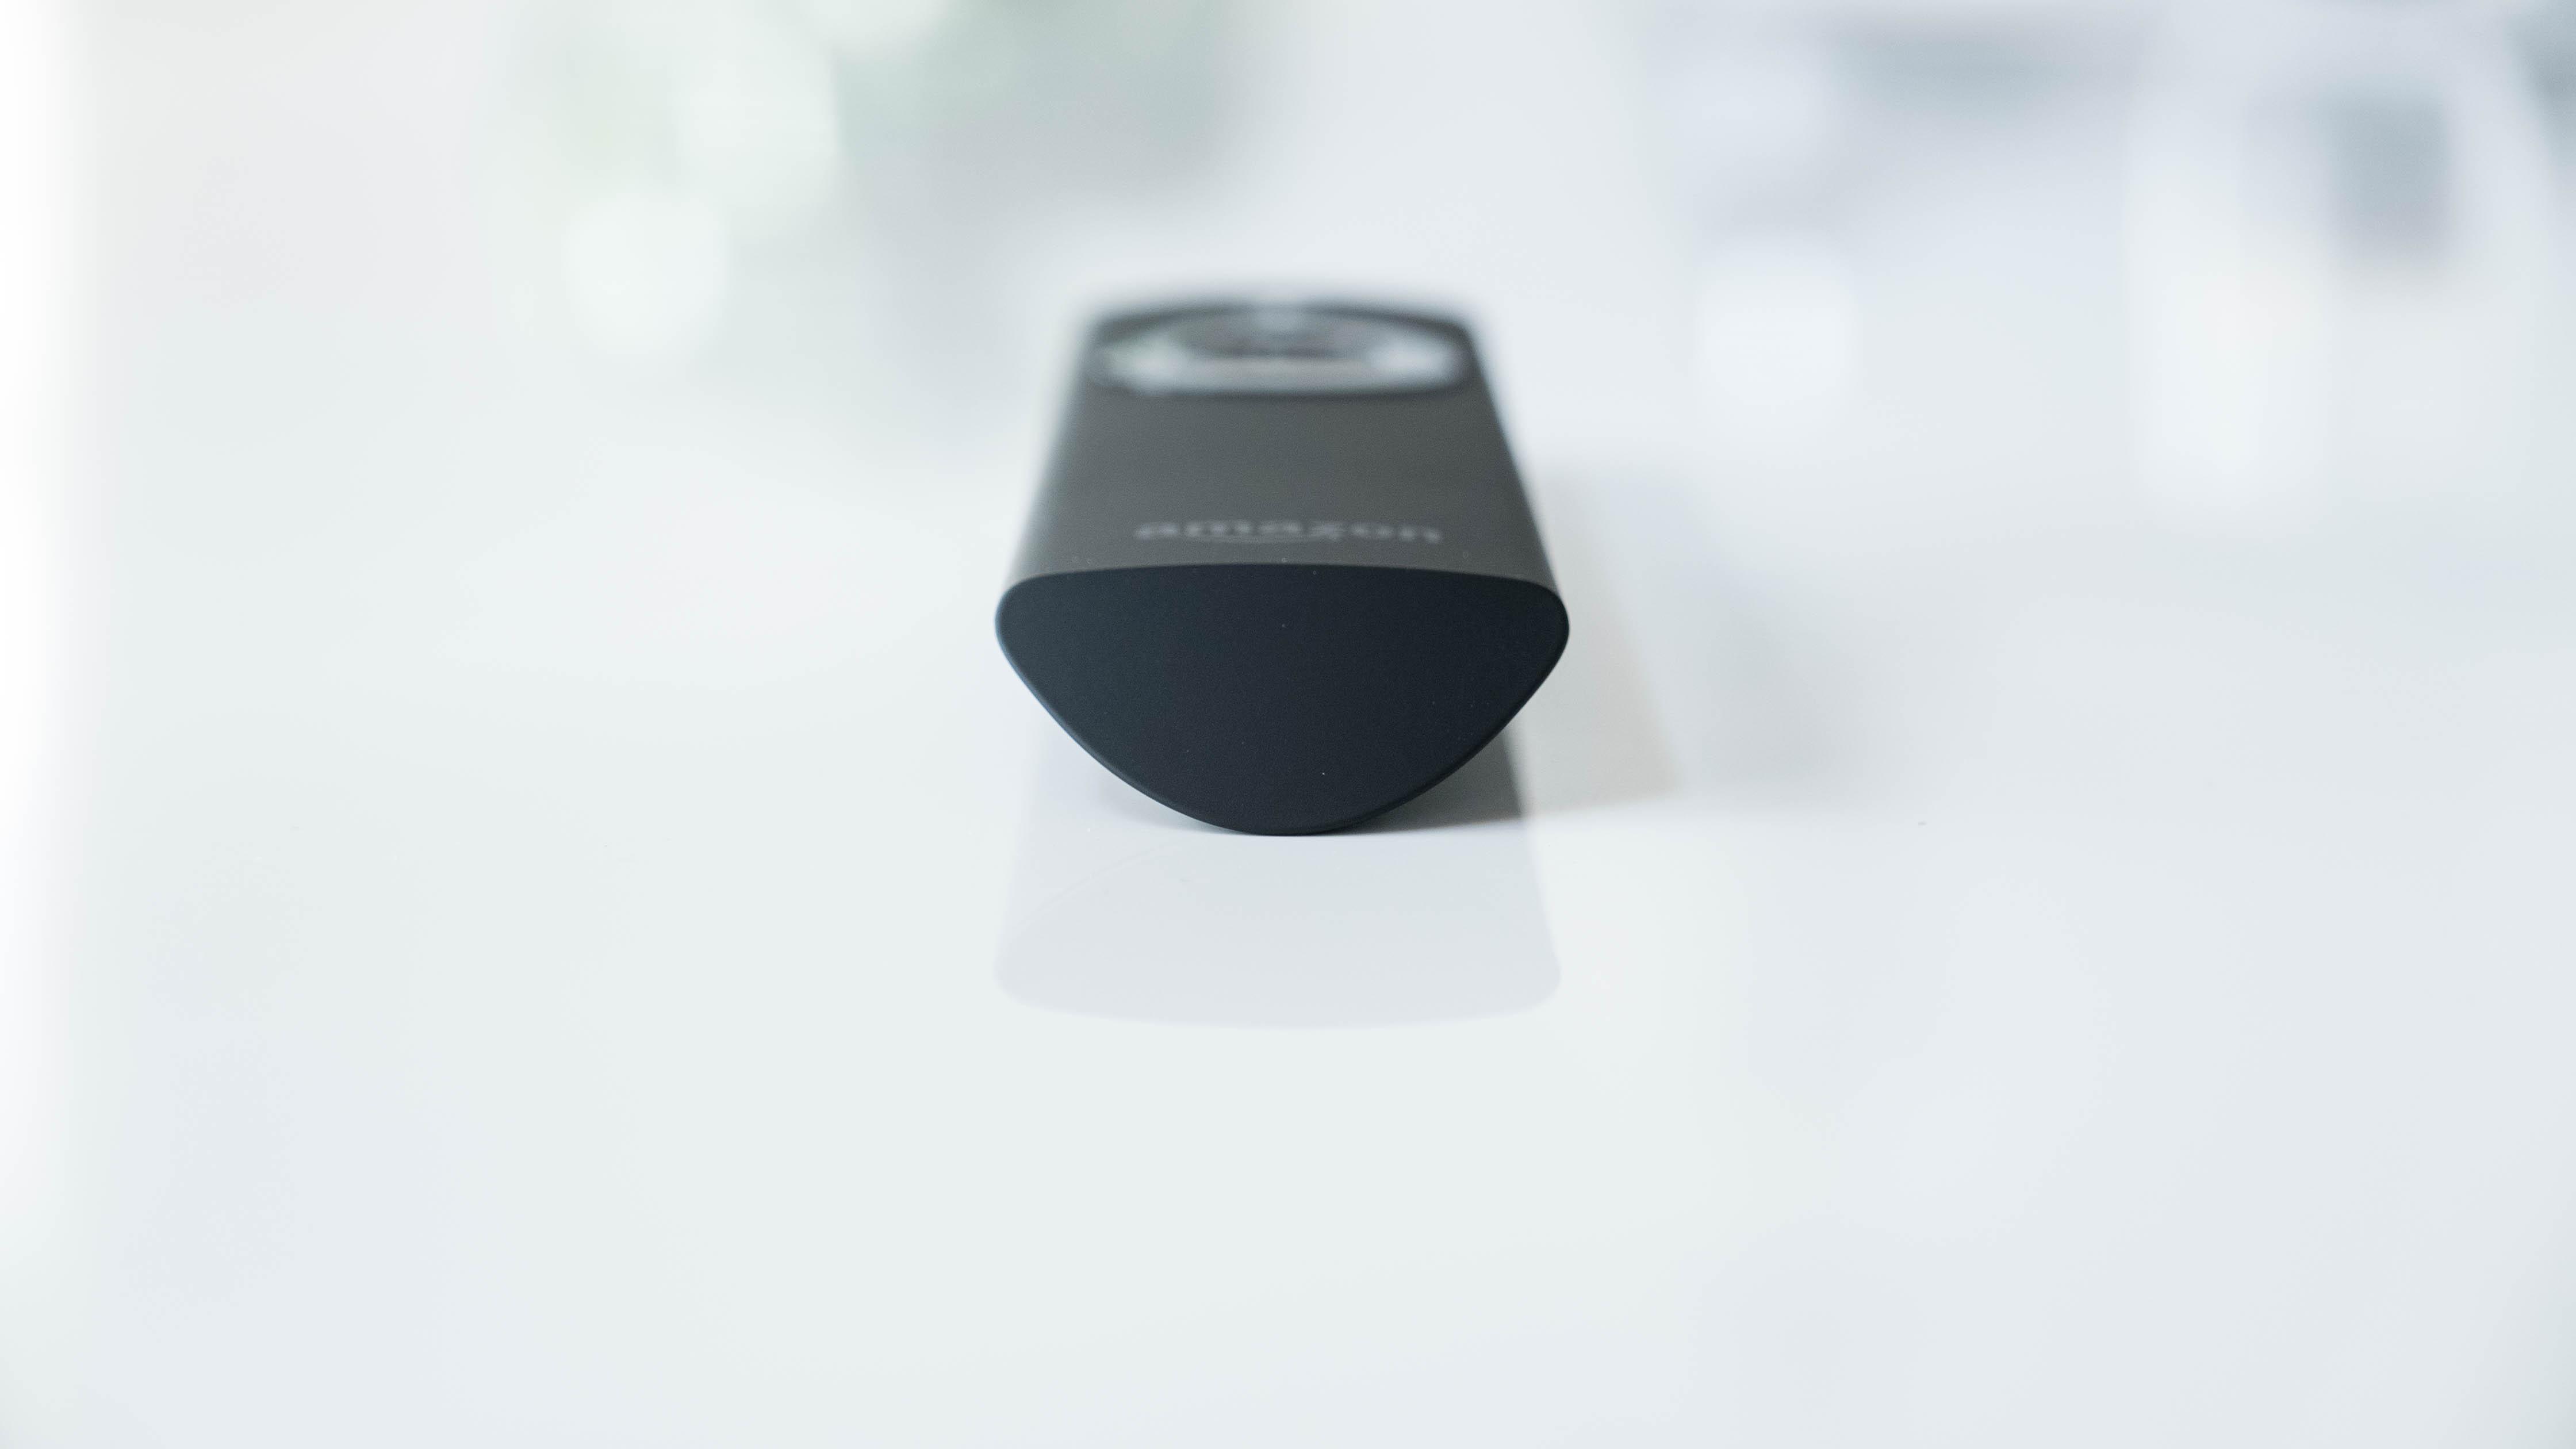 Amazon-Alexa-Sprachfernbedienung-unten